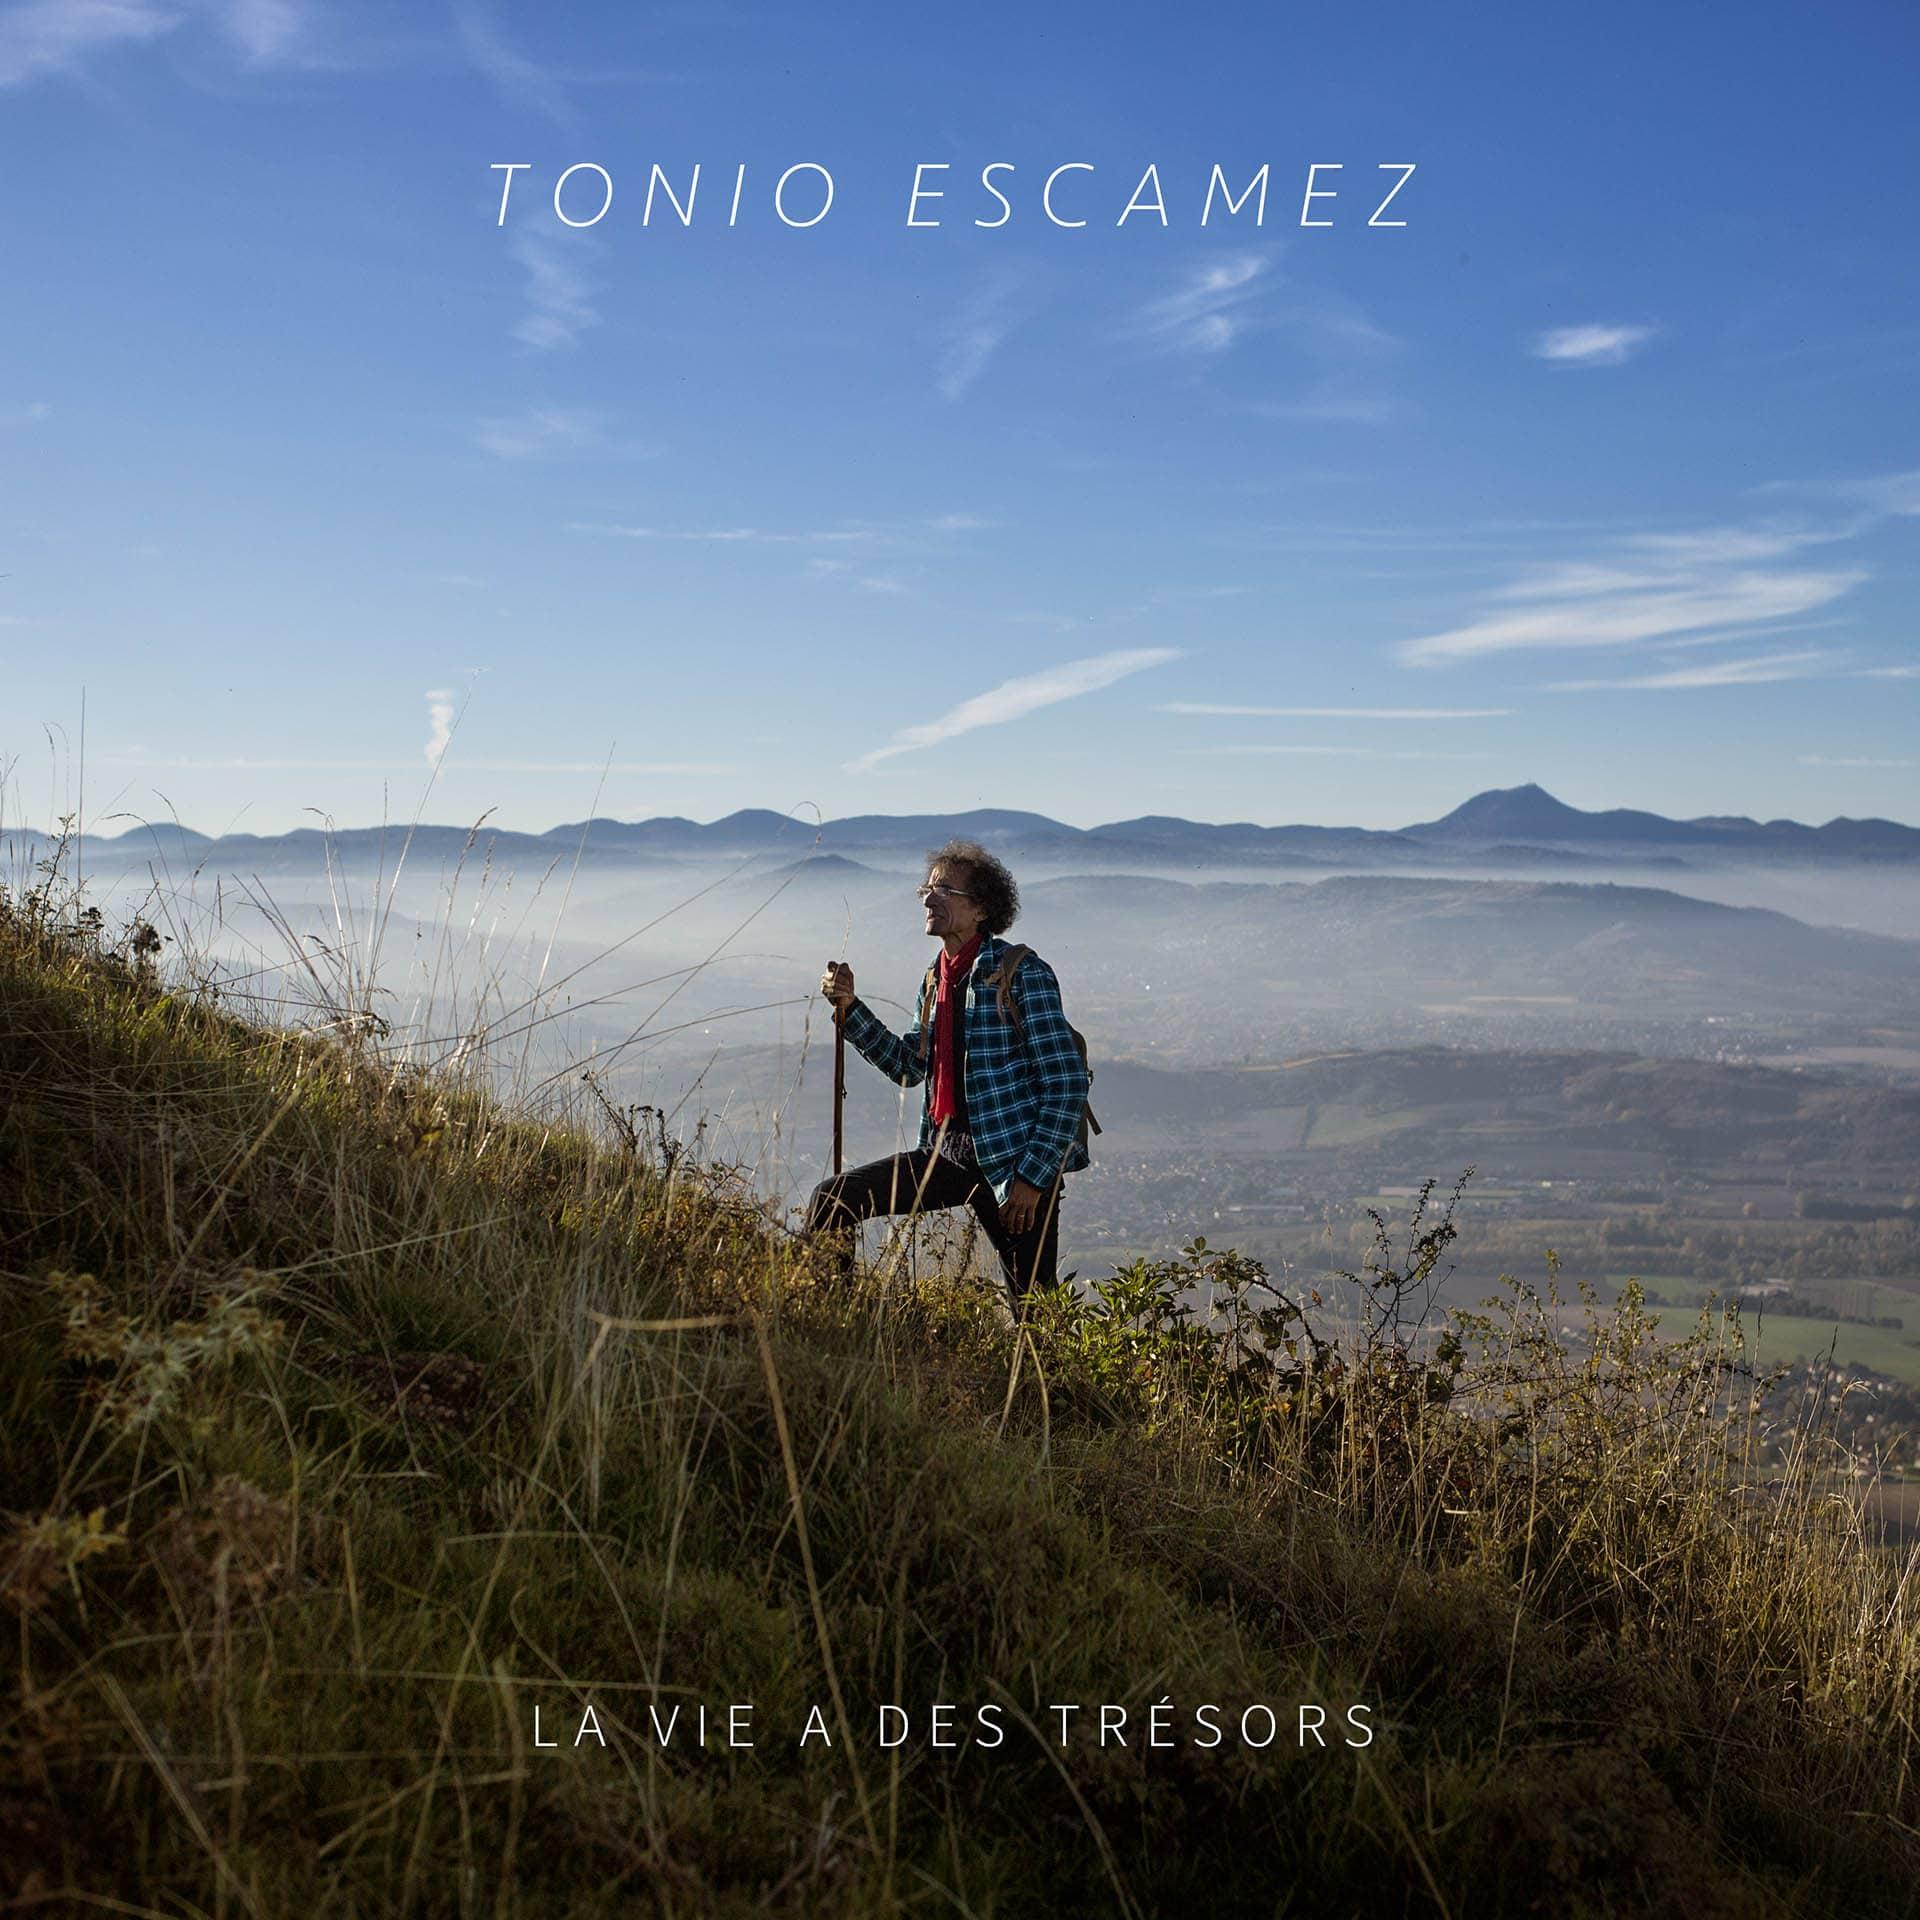 Cover album pochette tonio escamez la vie a des trésors